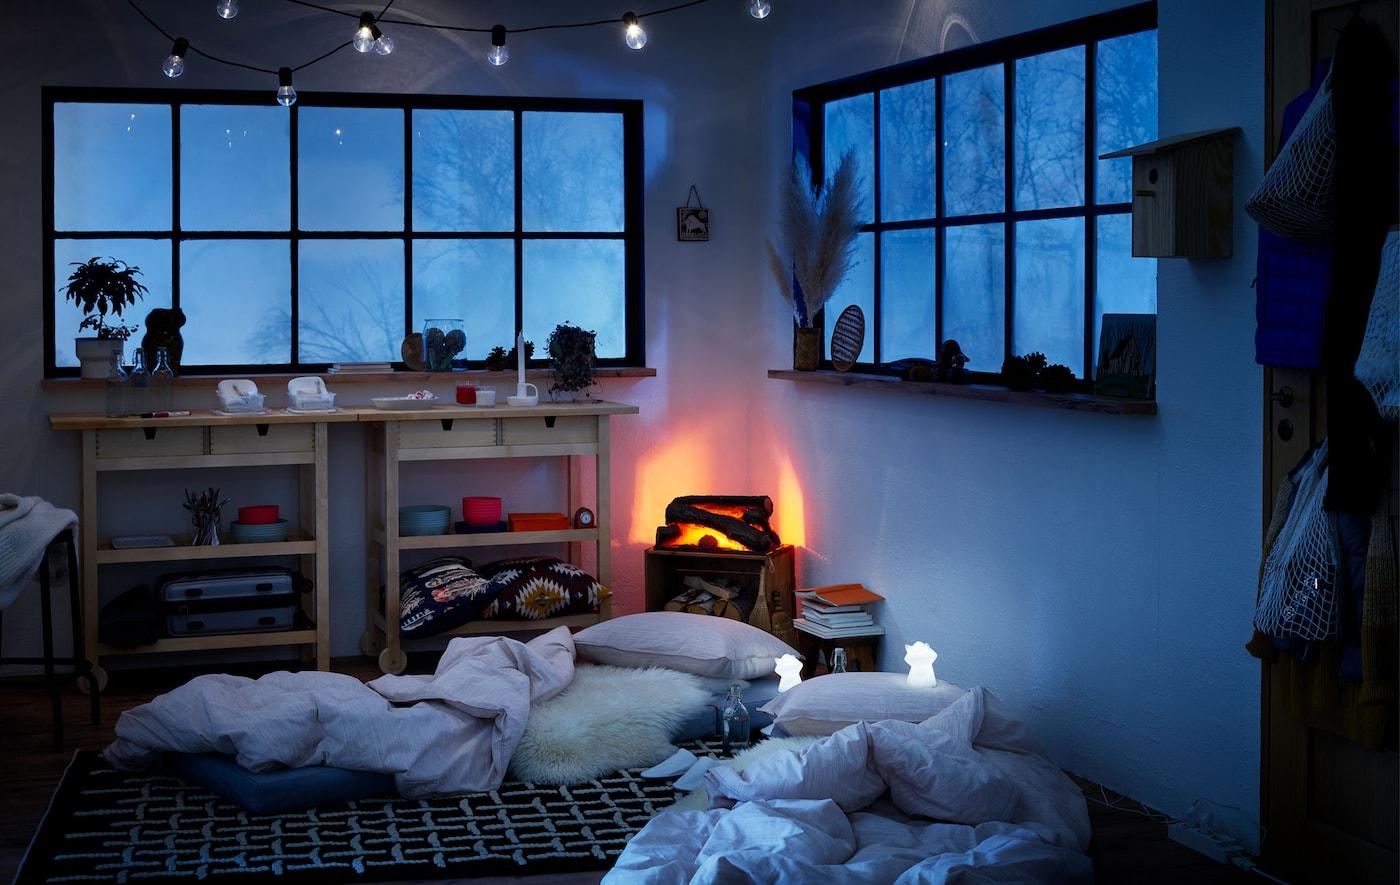 Drvena koliba uređena u zimskom stilu, madraci na podu pretvoreni u privremene krevete i LED noćna svjetla pokraj njih.